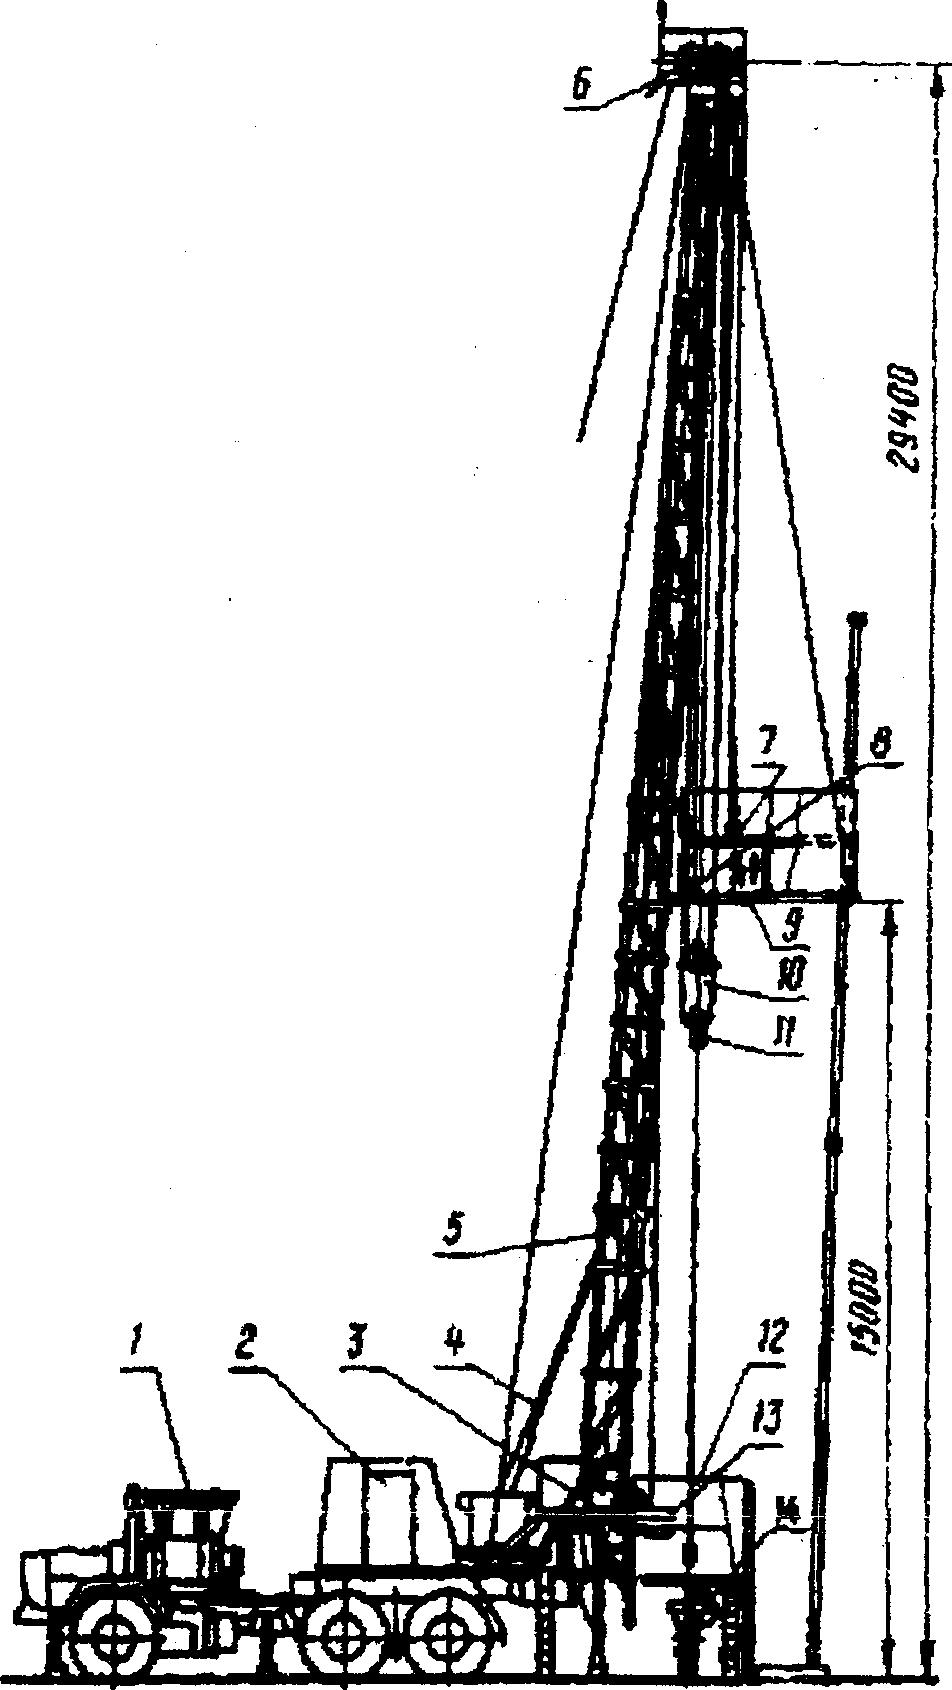 кинематическая схема автомобиля маз 500